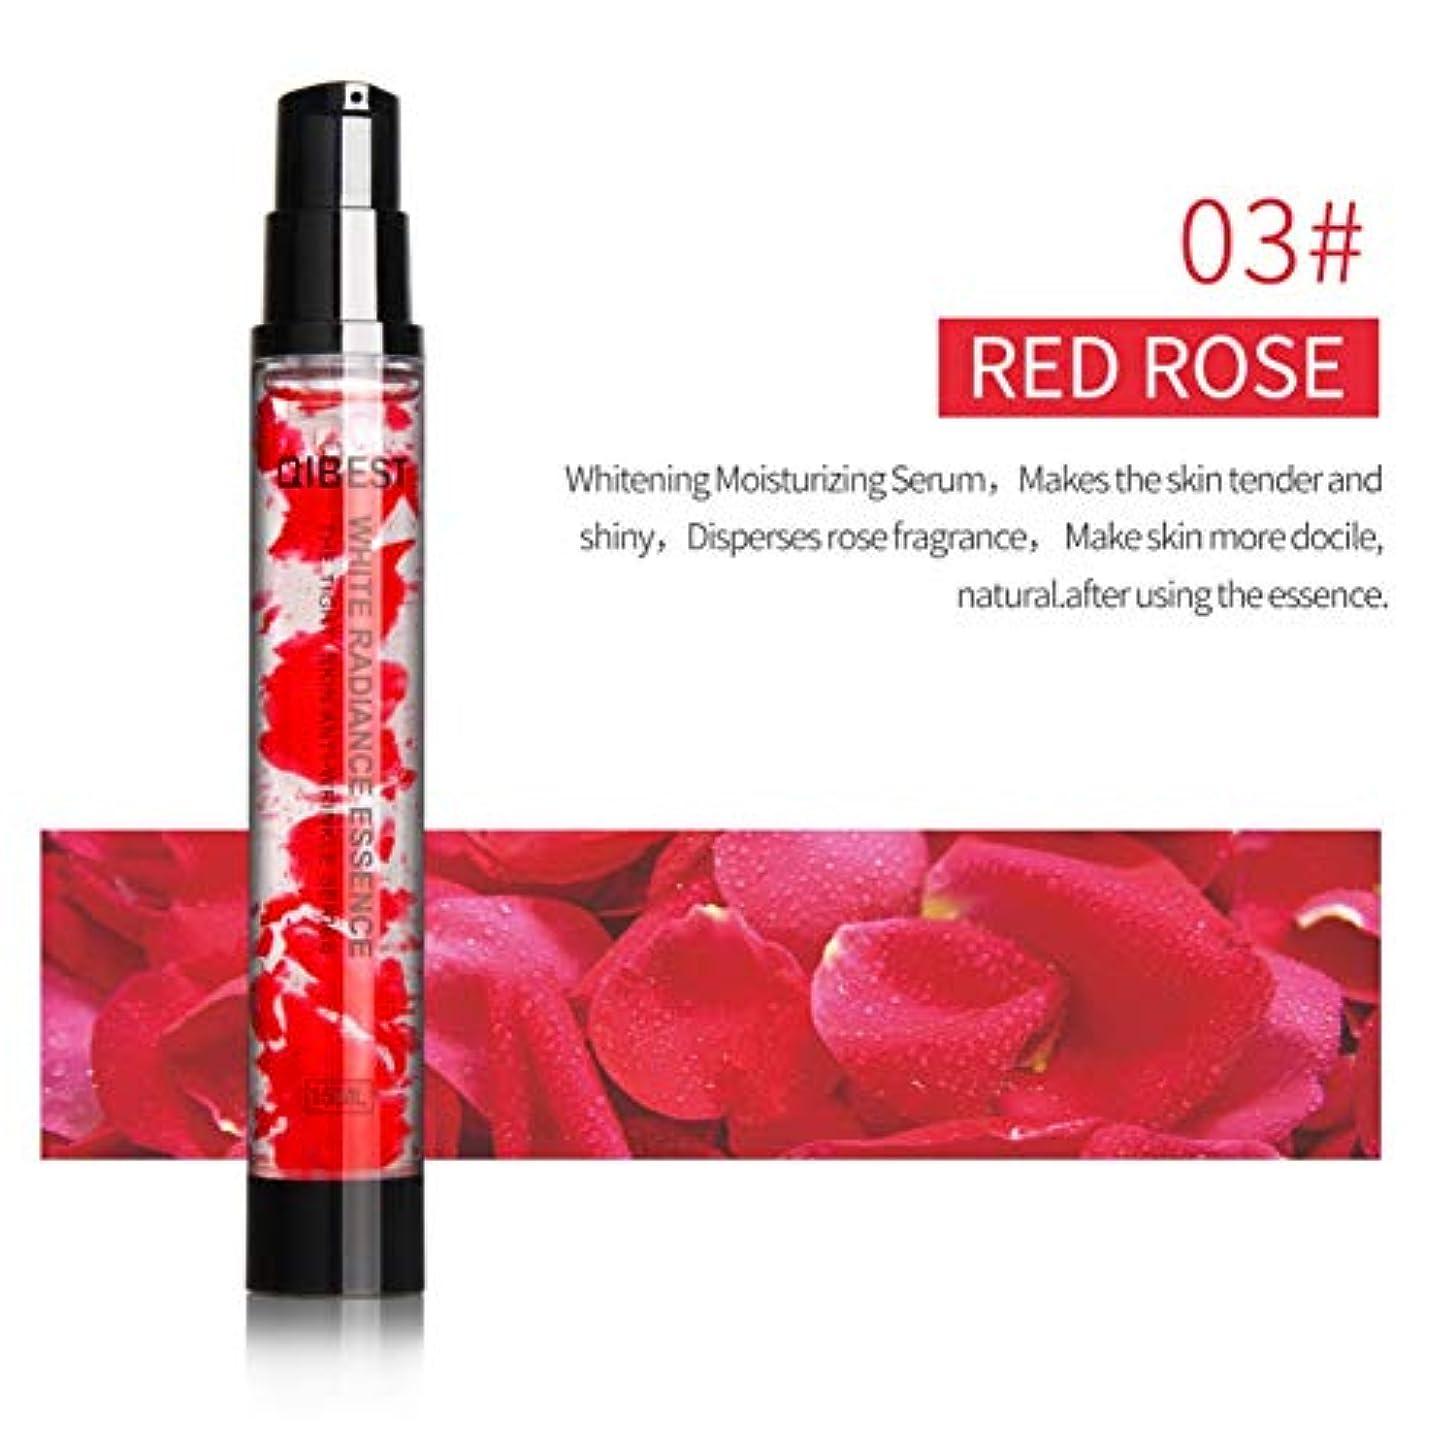 文芸表現低いCutelove 美容液 セラム 保湿効果 肌を明るく、柔らかく ローズの香り 【レッド】